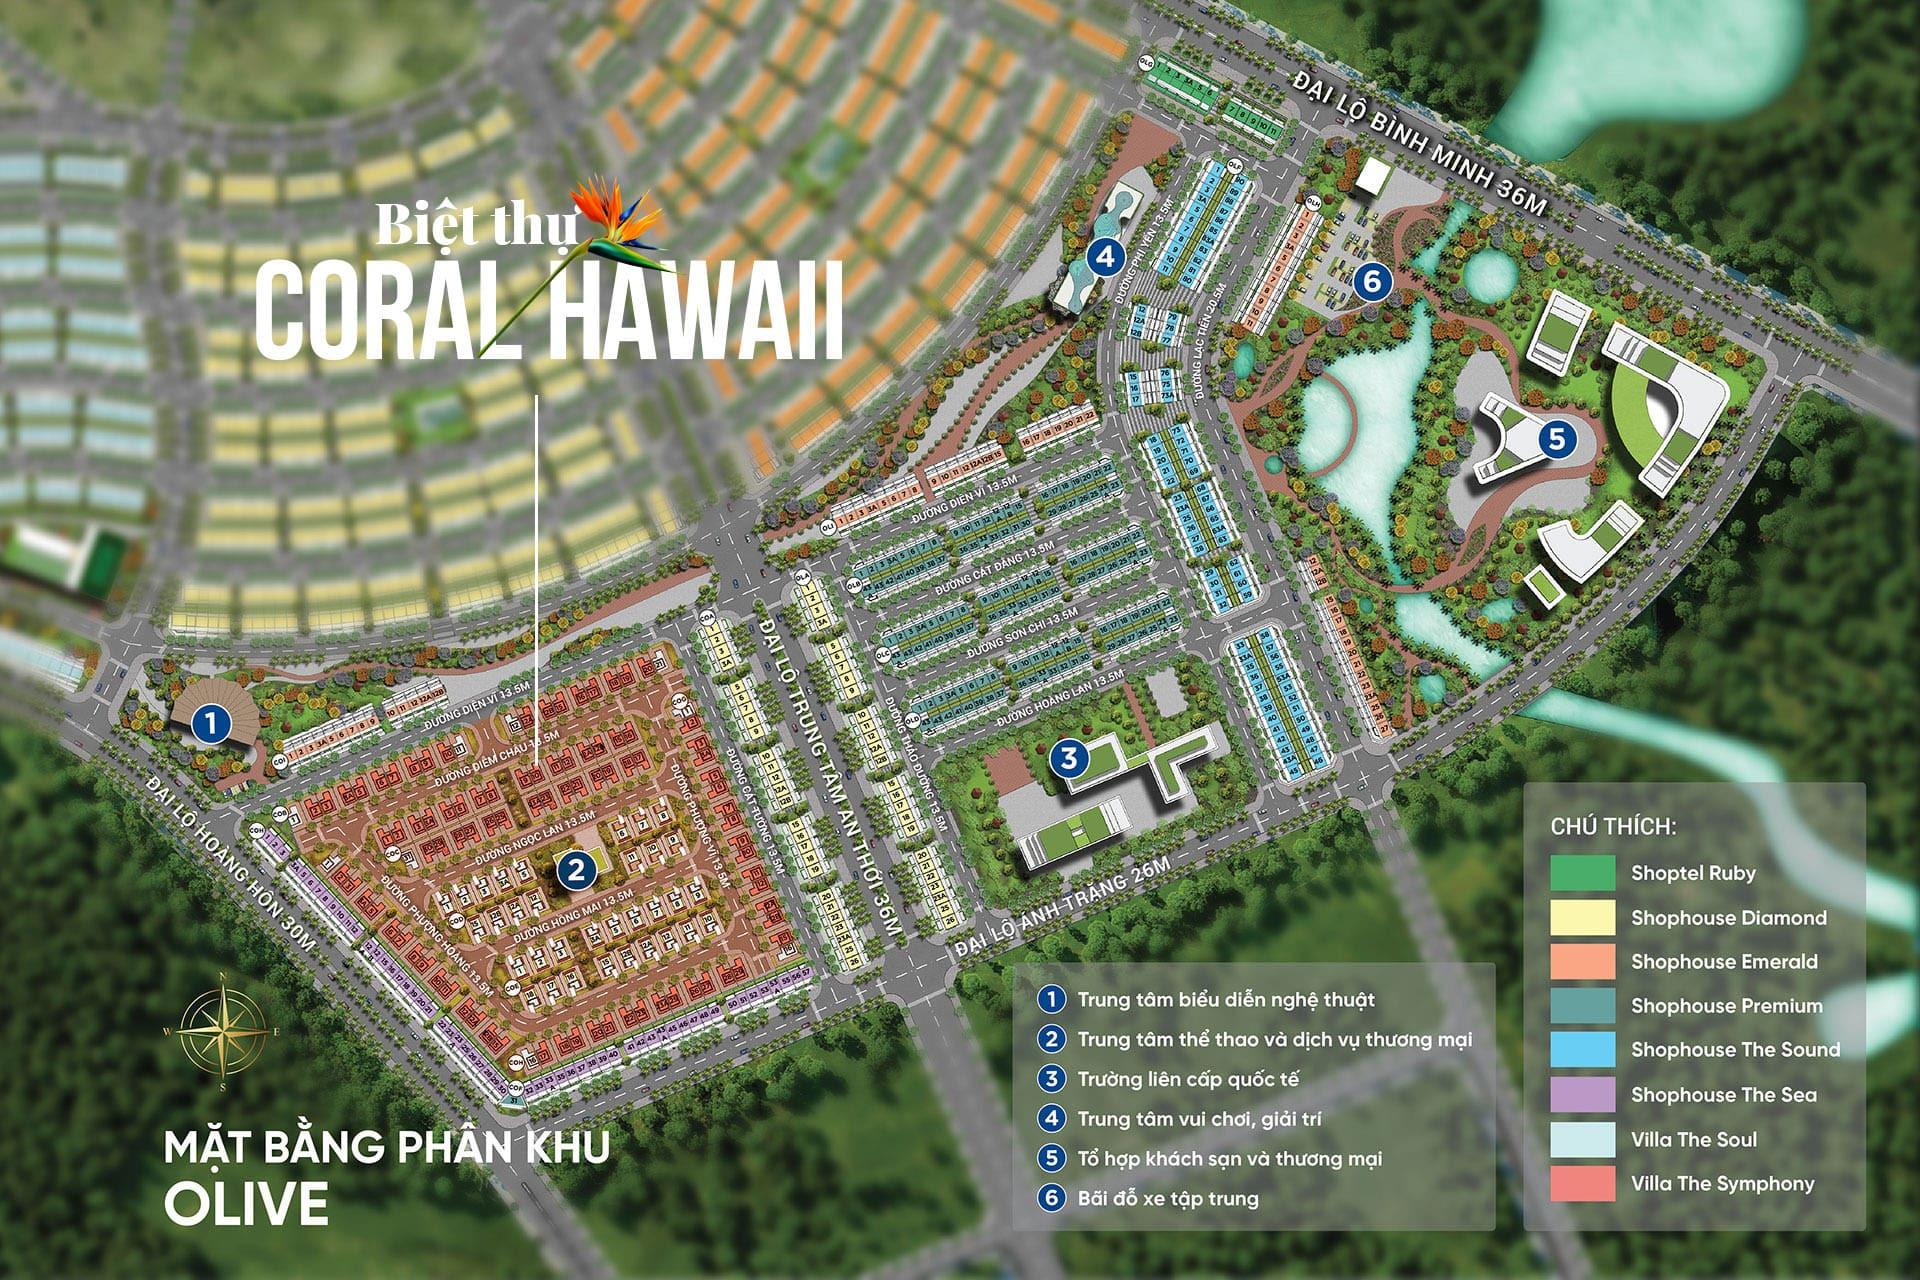 Dự án biệt thự Coral Hawaii – biệt thự Meyhomes Phú Quốc